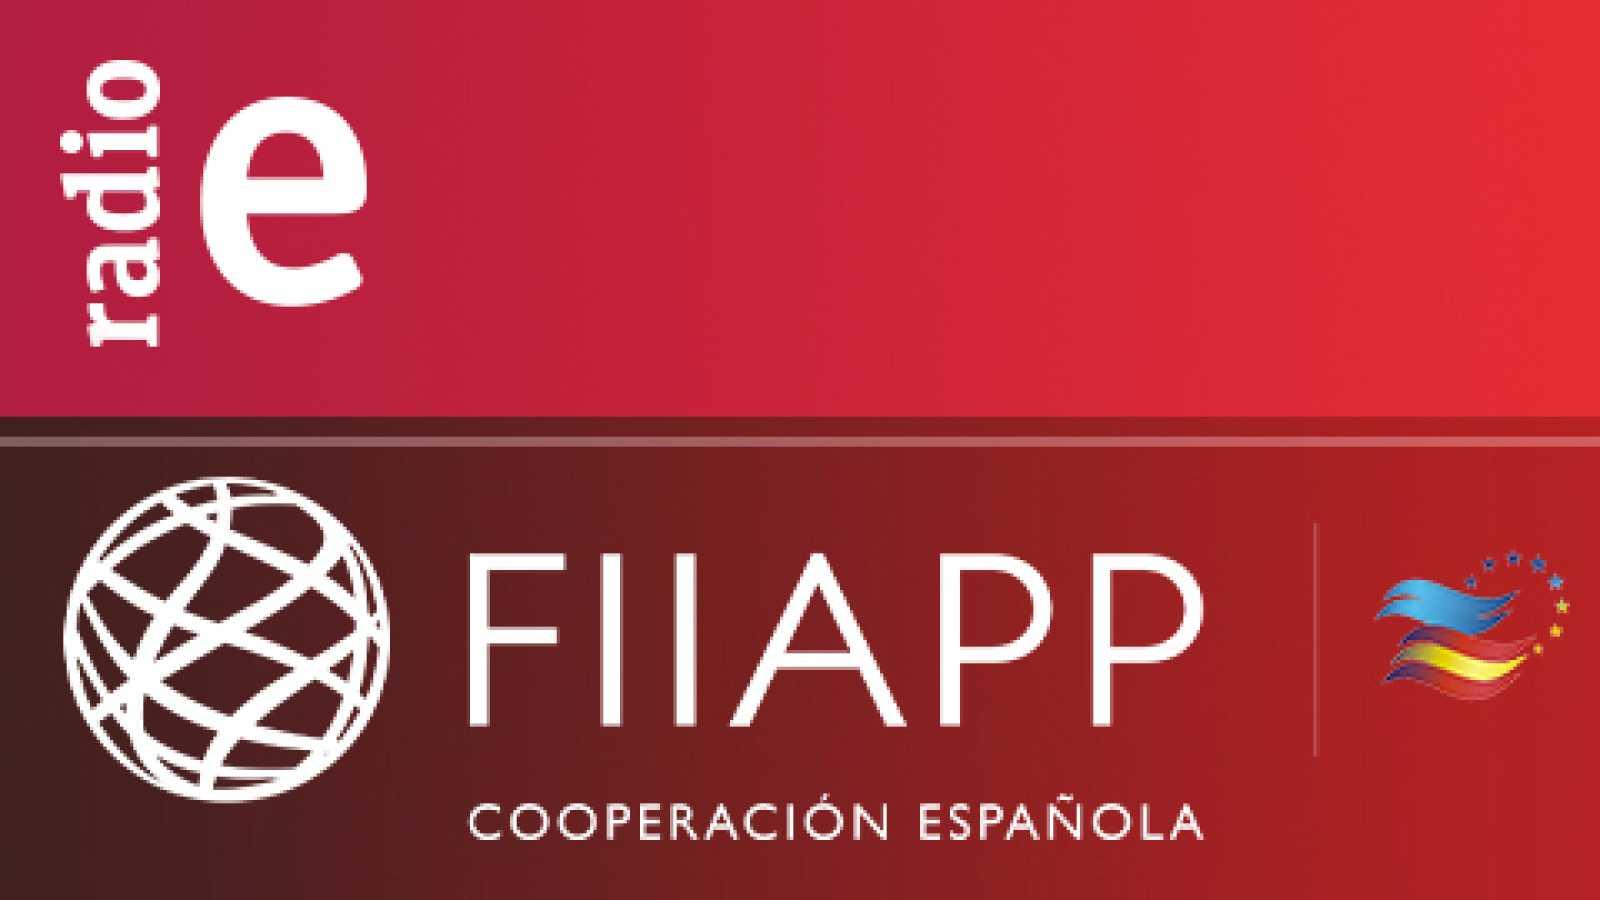 Cooperación pública en el mundo (FIIAPP) - ¿En qué consiste la cooperación delegada? - 02/06/21 - escuchar ahora